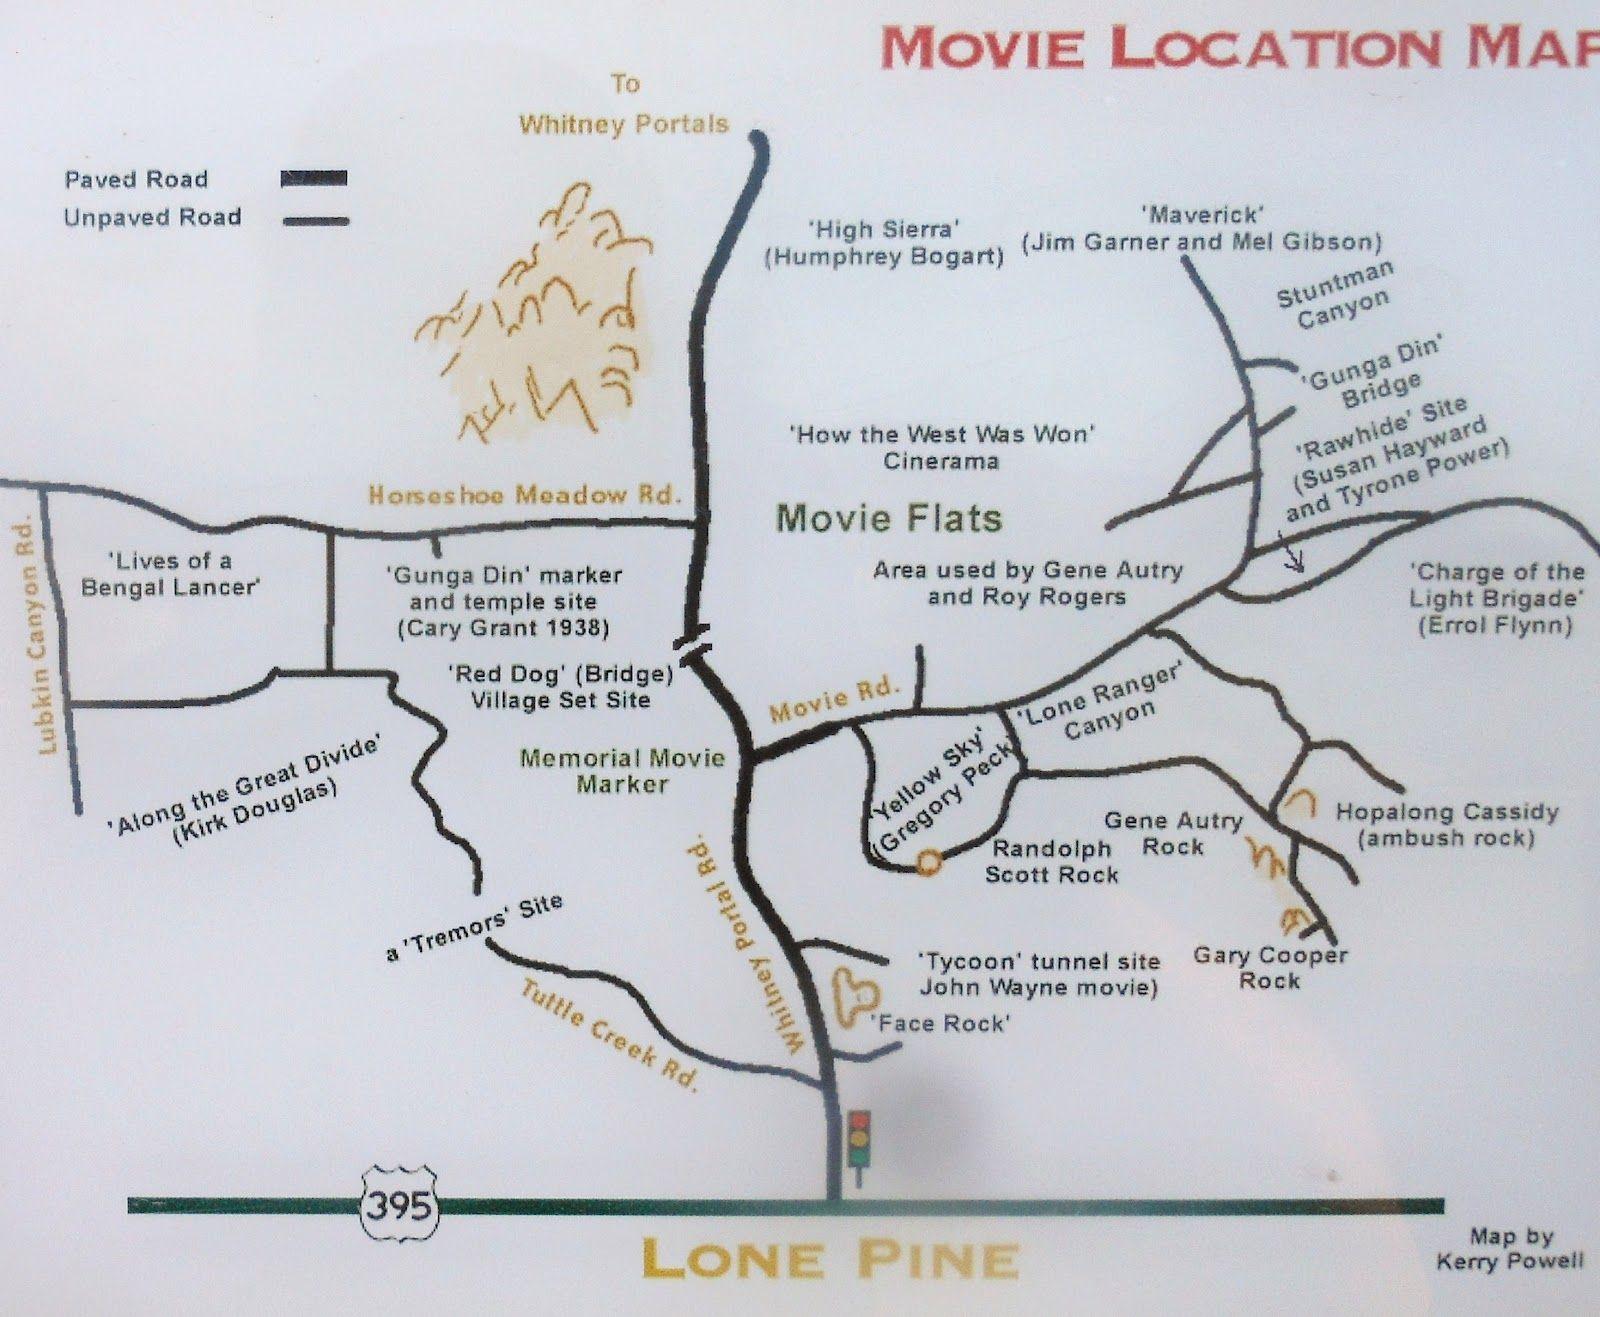 Lone Pine Ca Map Alabama Hills Lone Pine Ca Face Rock